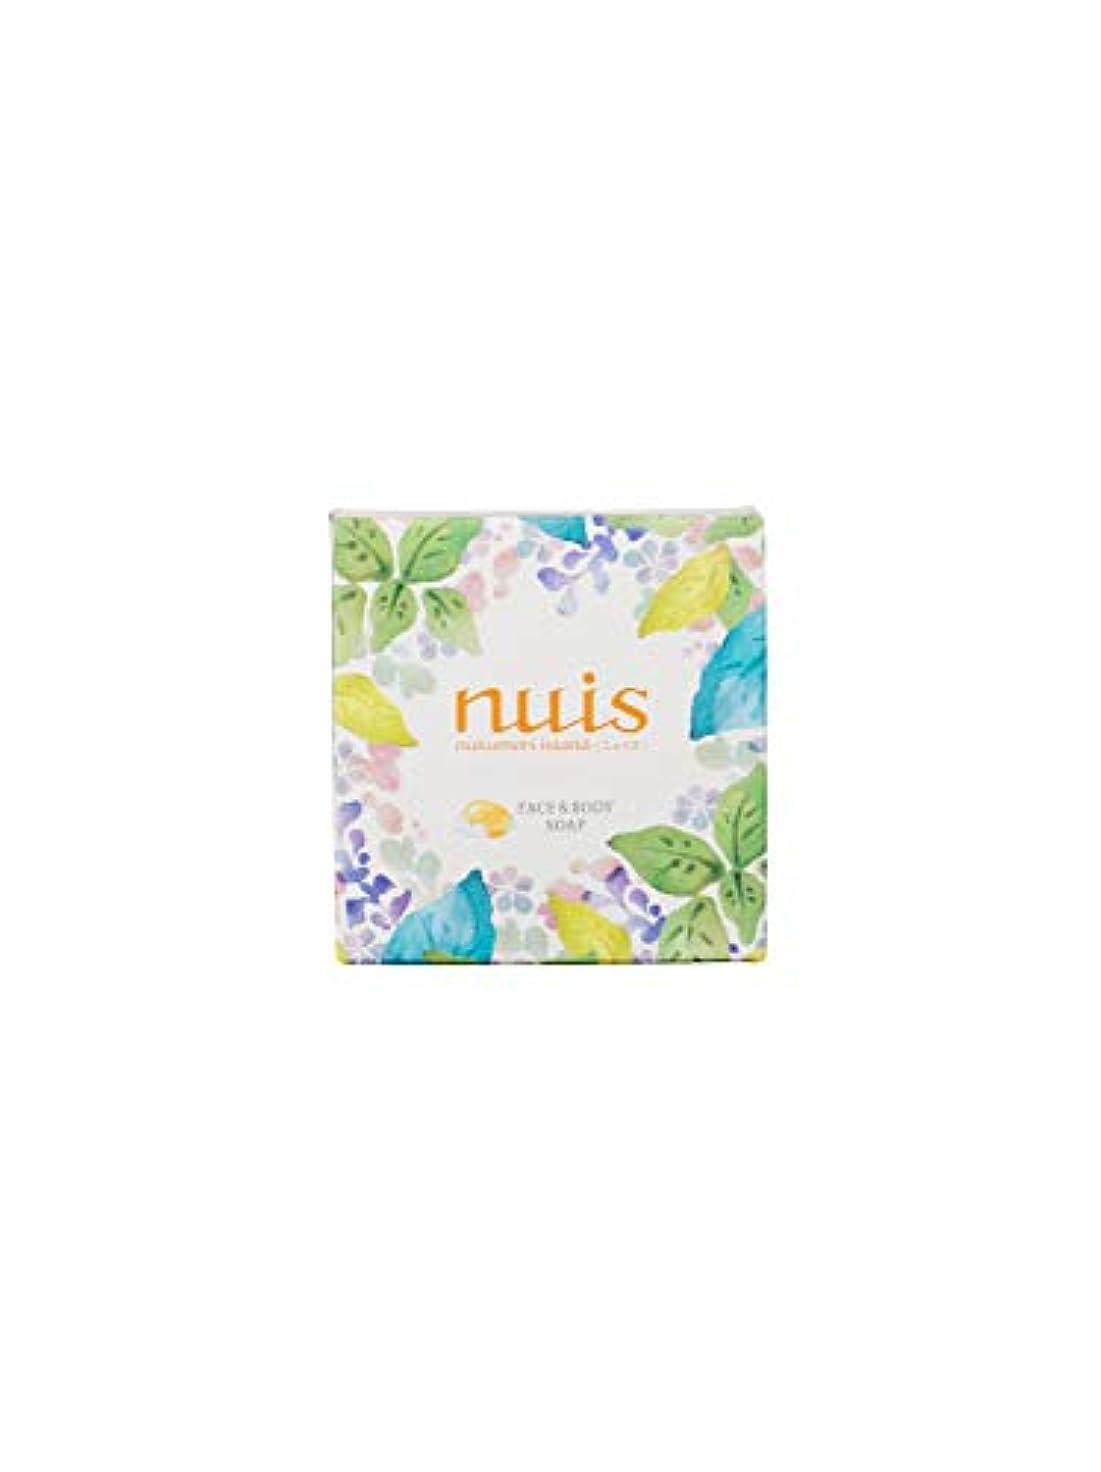 愛国的な要求精神nuis(ニュイス) nuis ぬくもりアイランド フェイス&ボディソープ 石鹸 100g